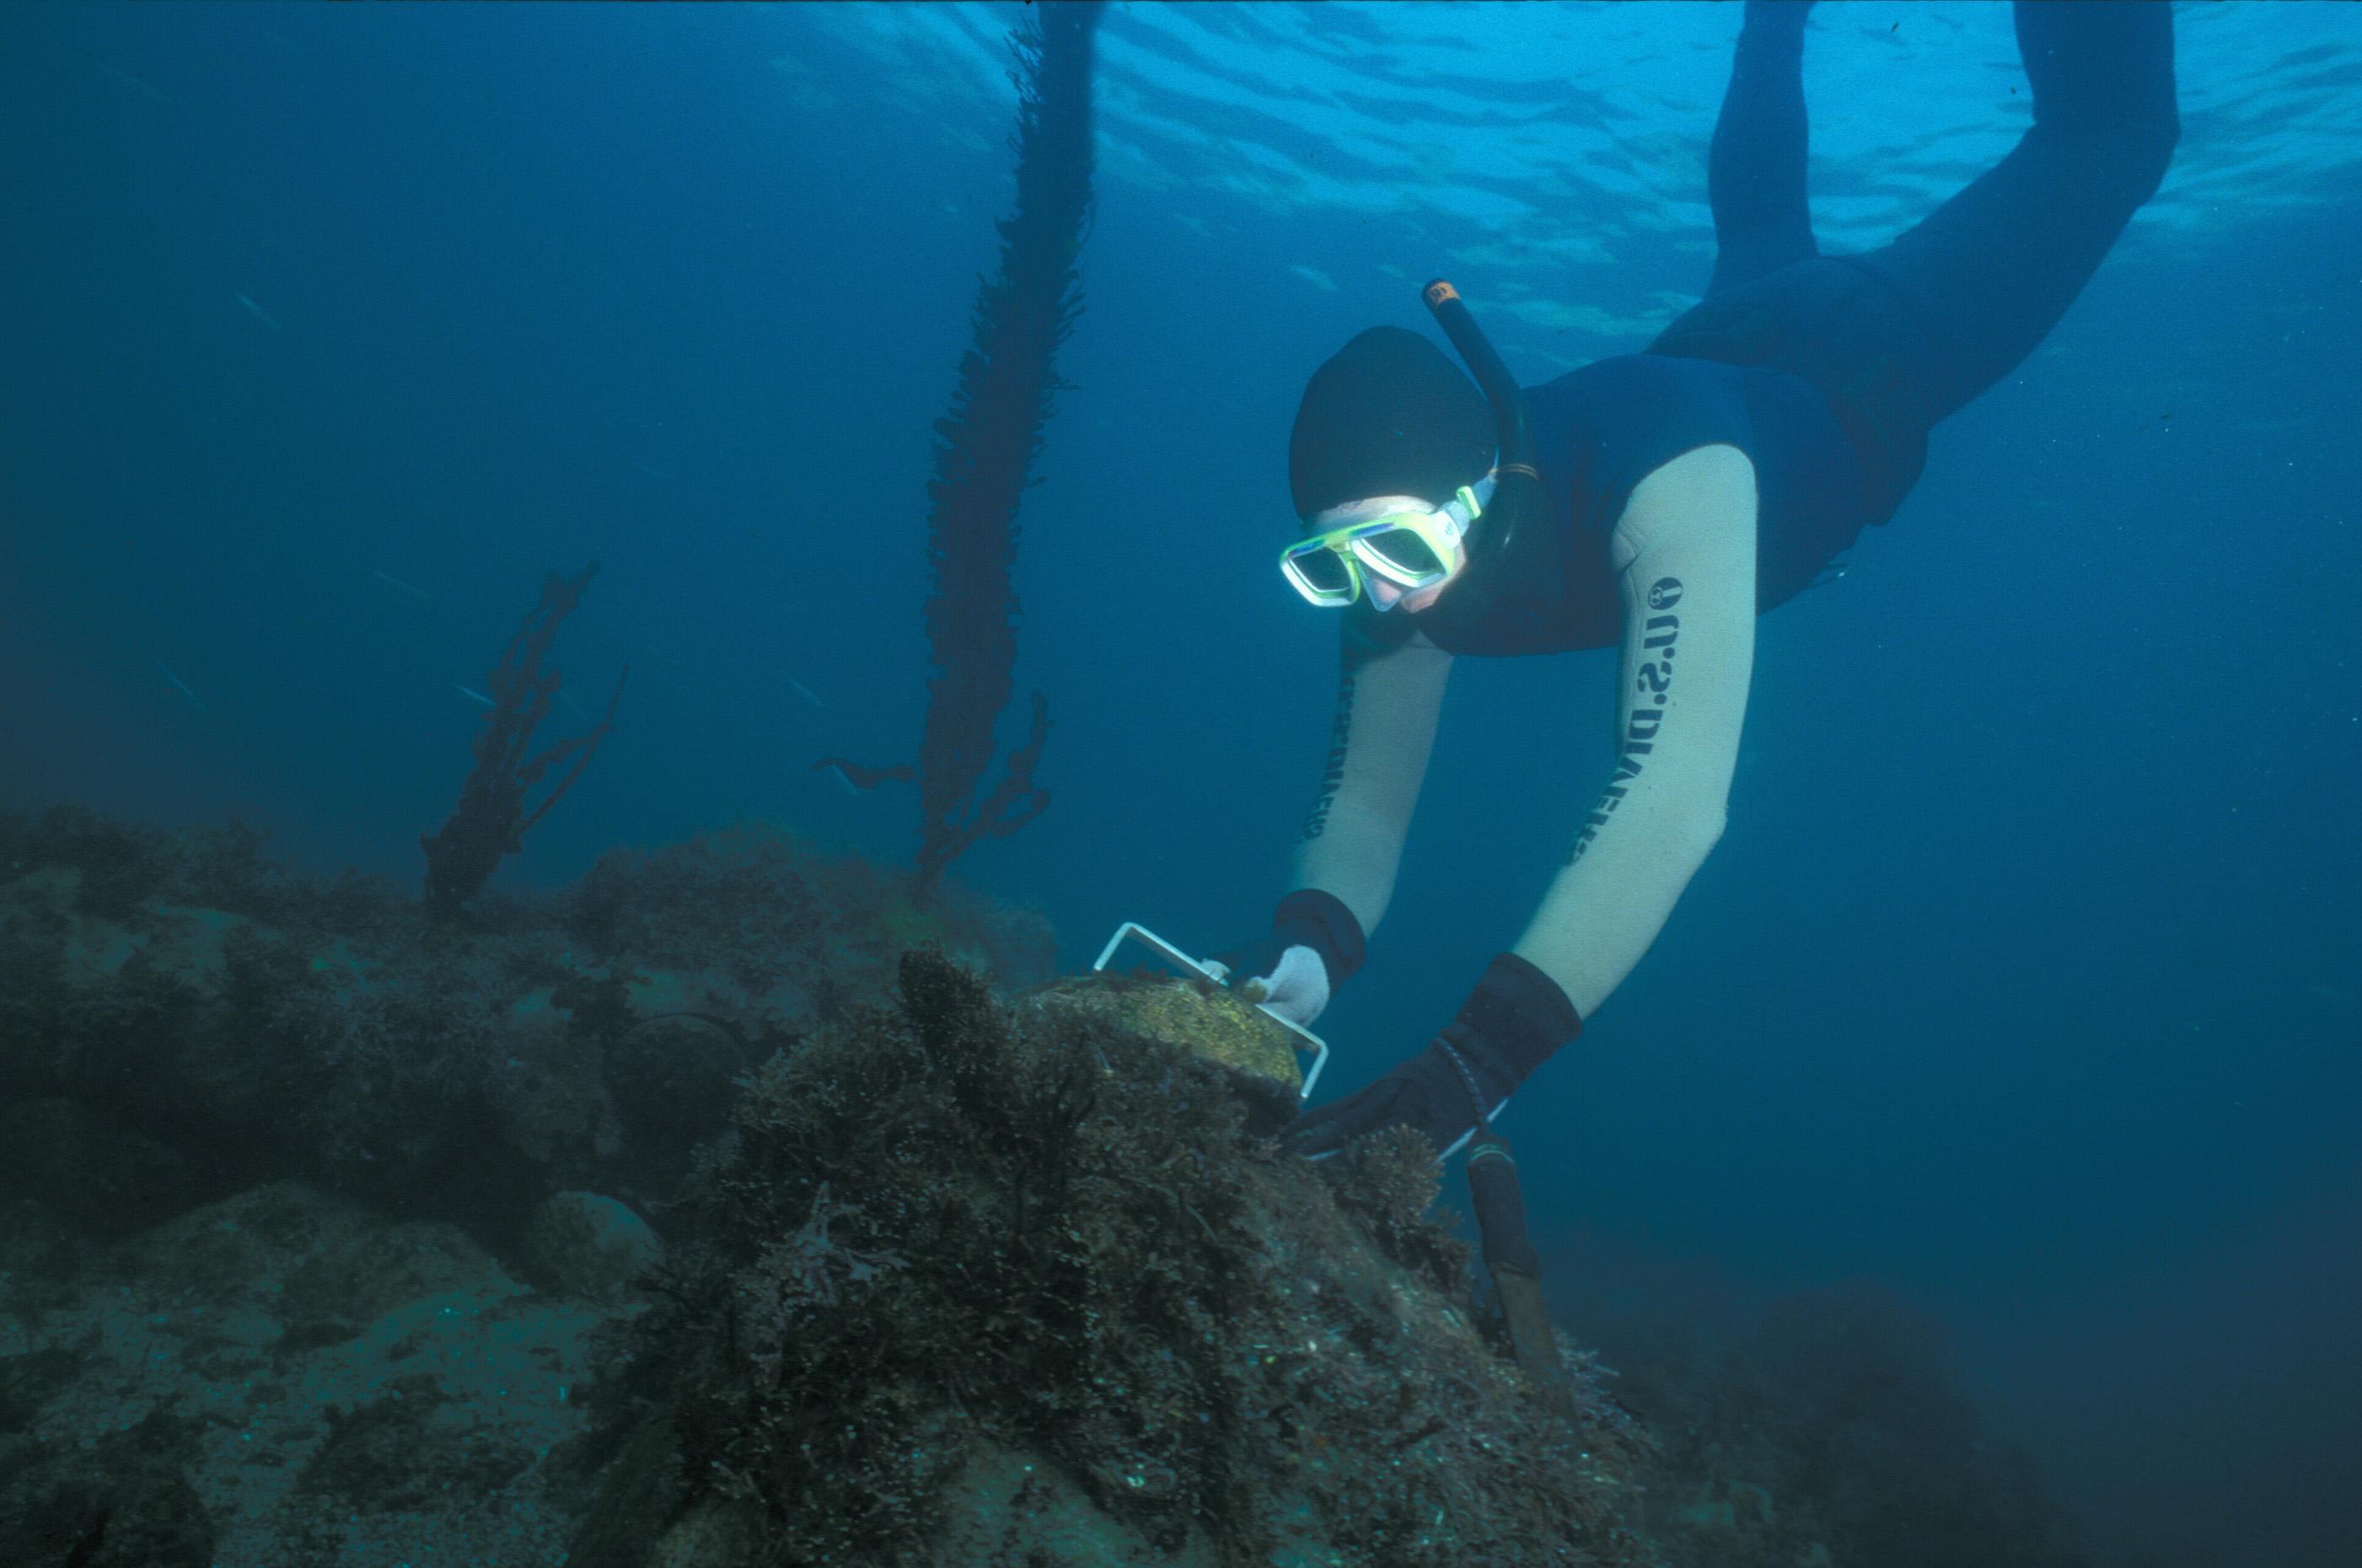 Scuba Diving West Palm Beach Delorean